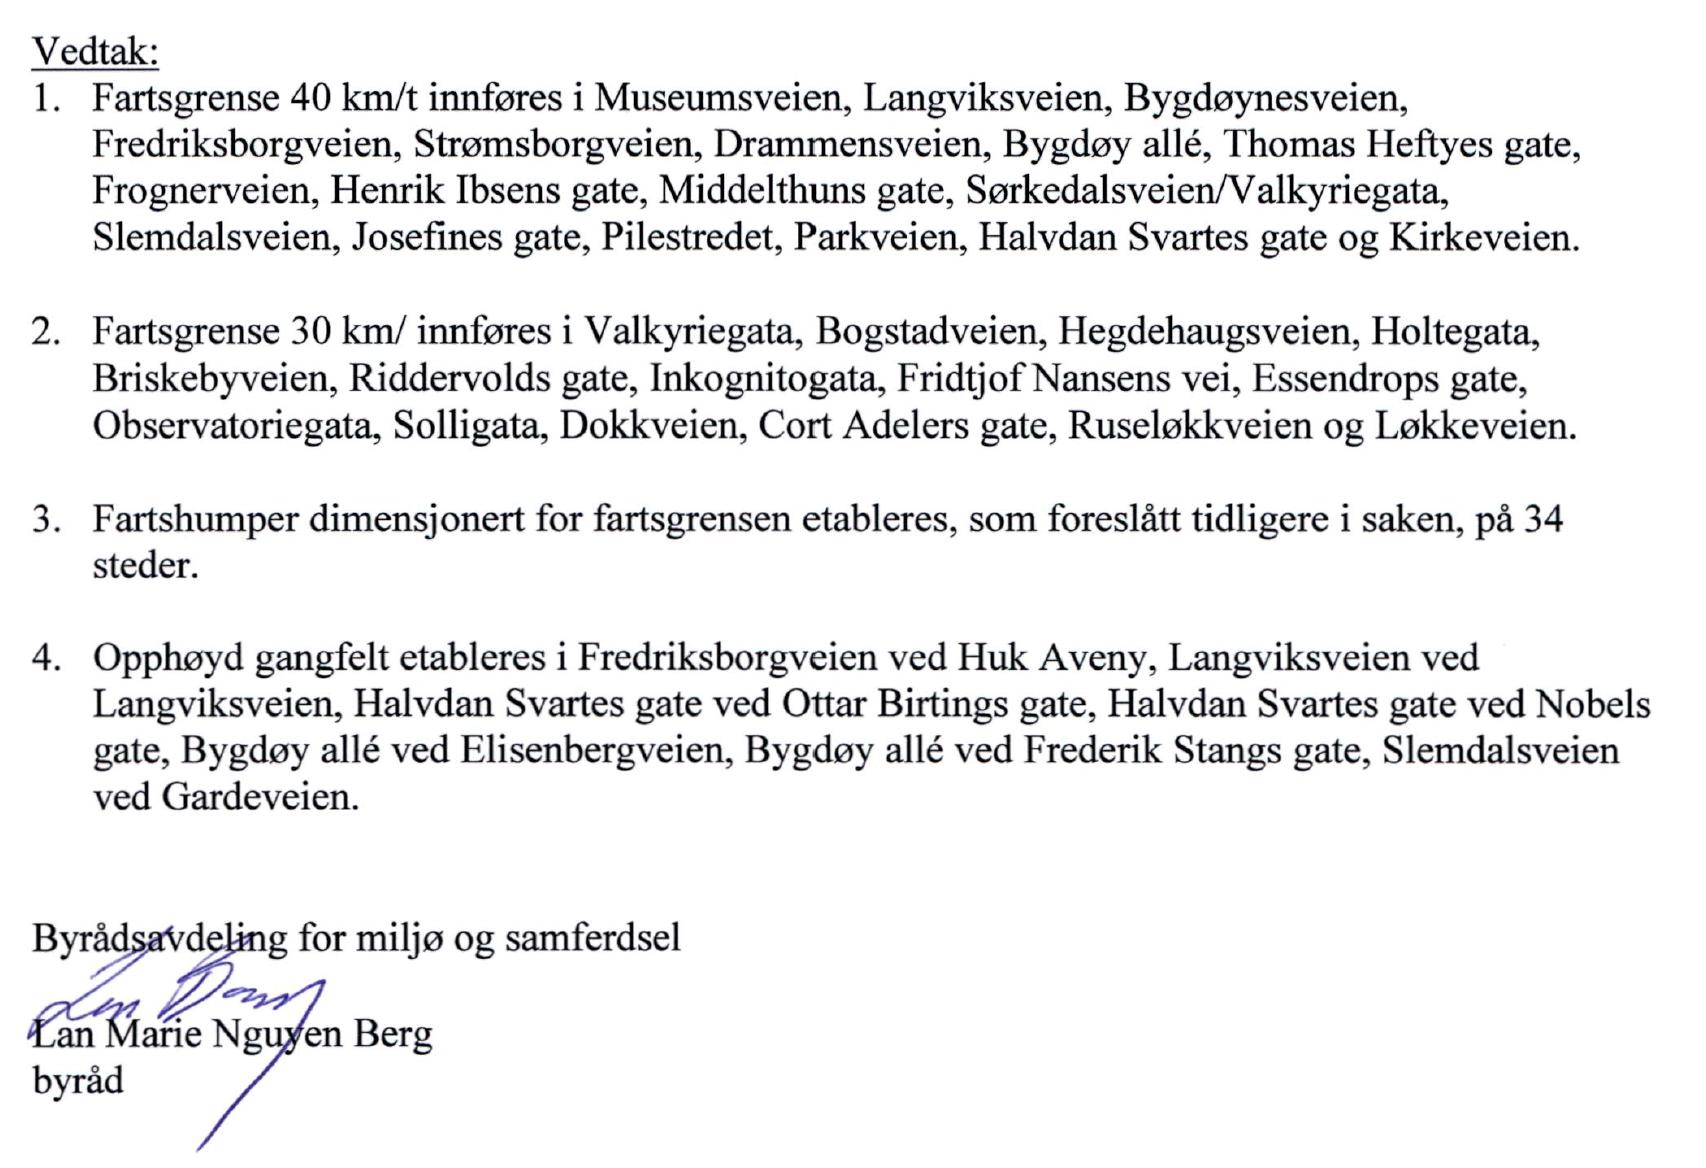 Skjermbilde 2019-05-03 kl. 12.09.05.png